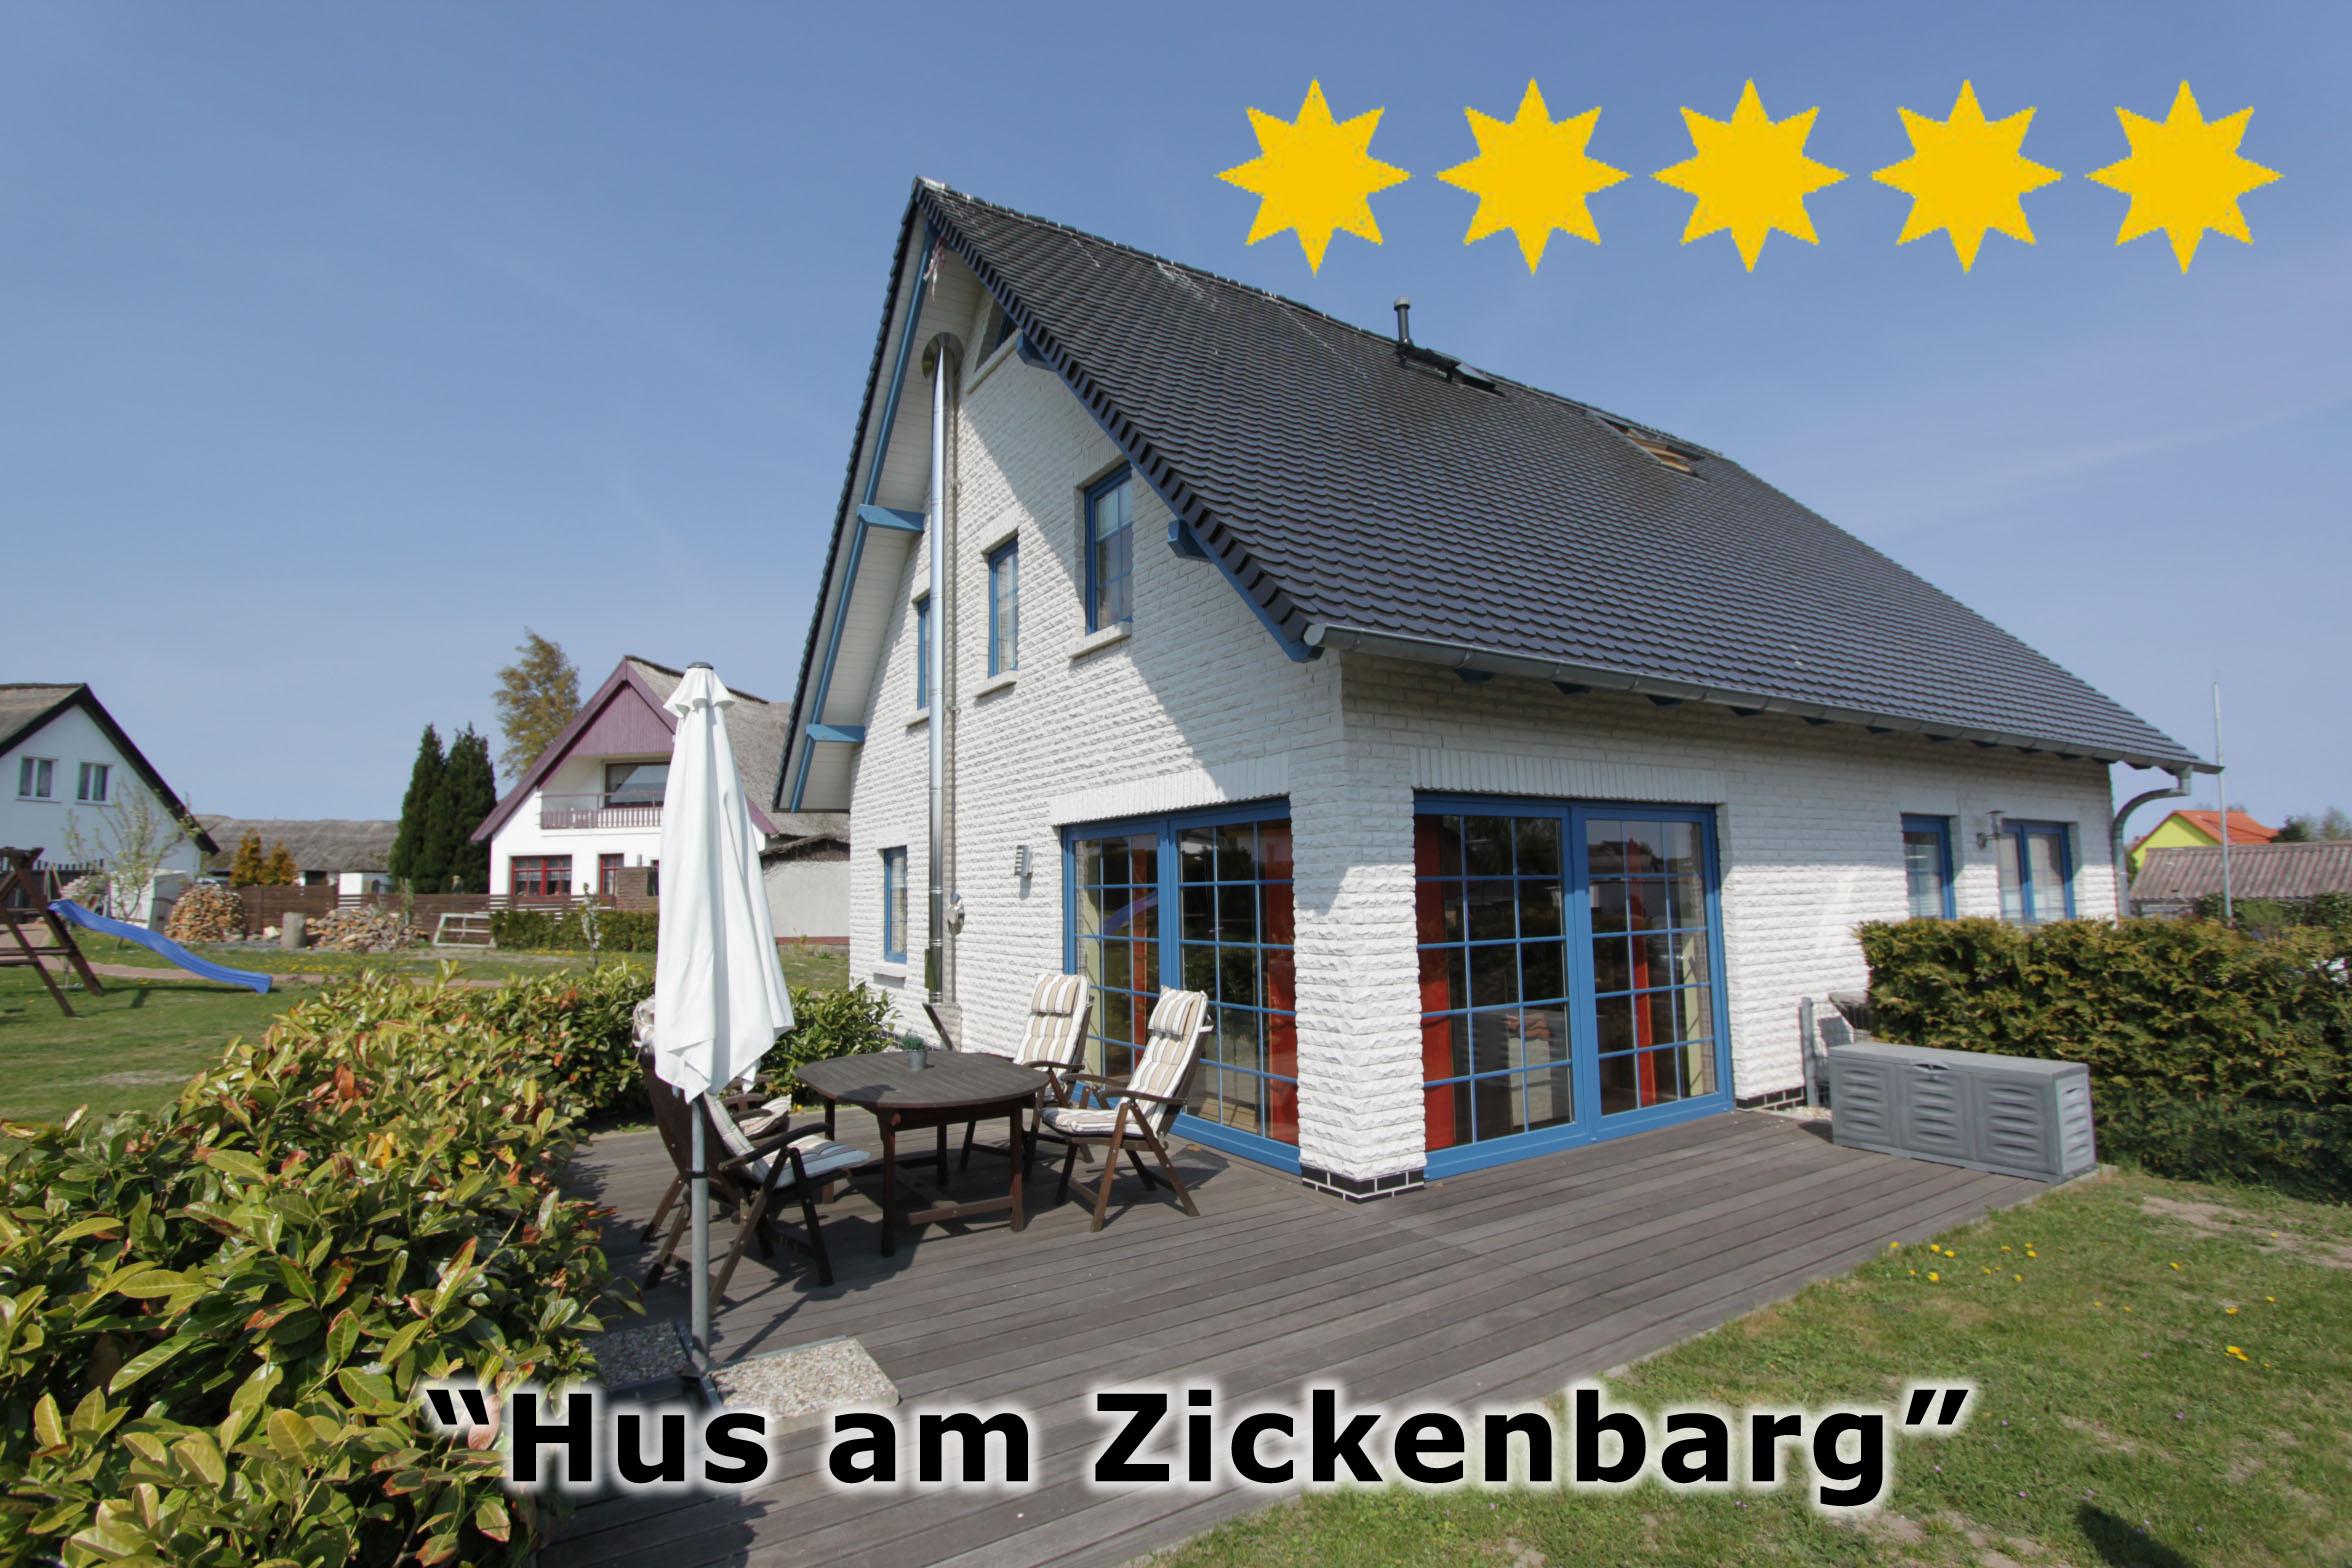 exklusive Ferienwohnungen Hus am Zickenbarg, inklusive kostenfreiem DSL und Telefon, Ferienwohnungen Herrmann